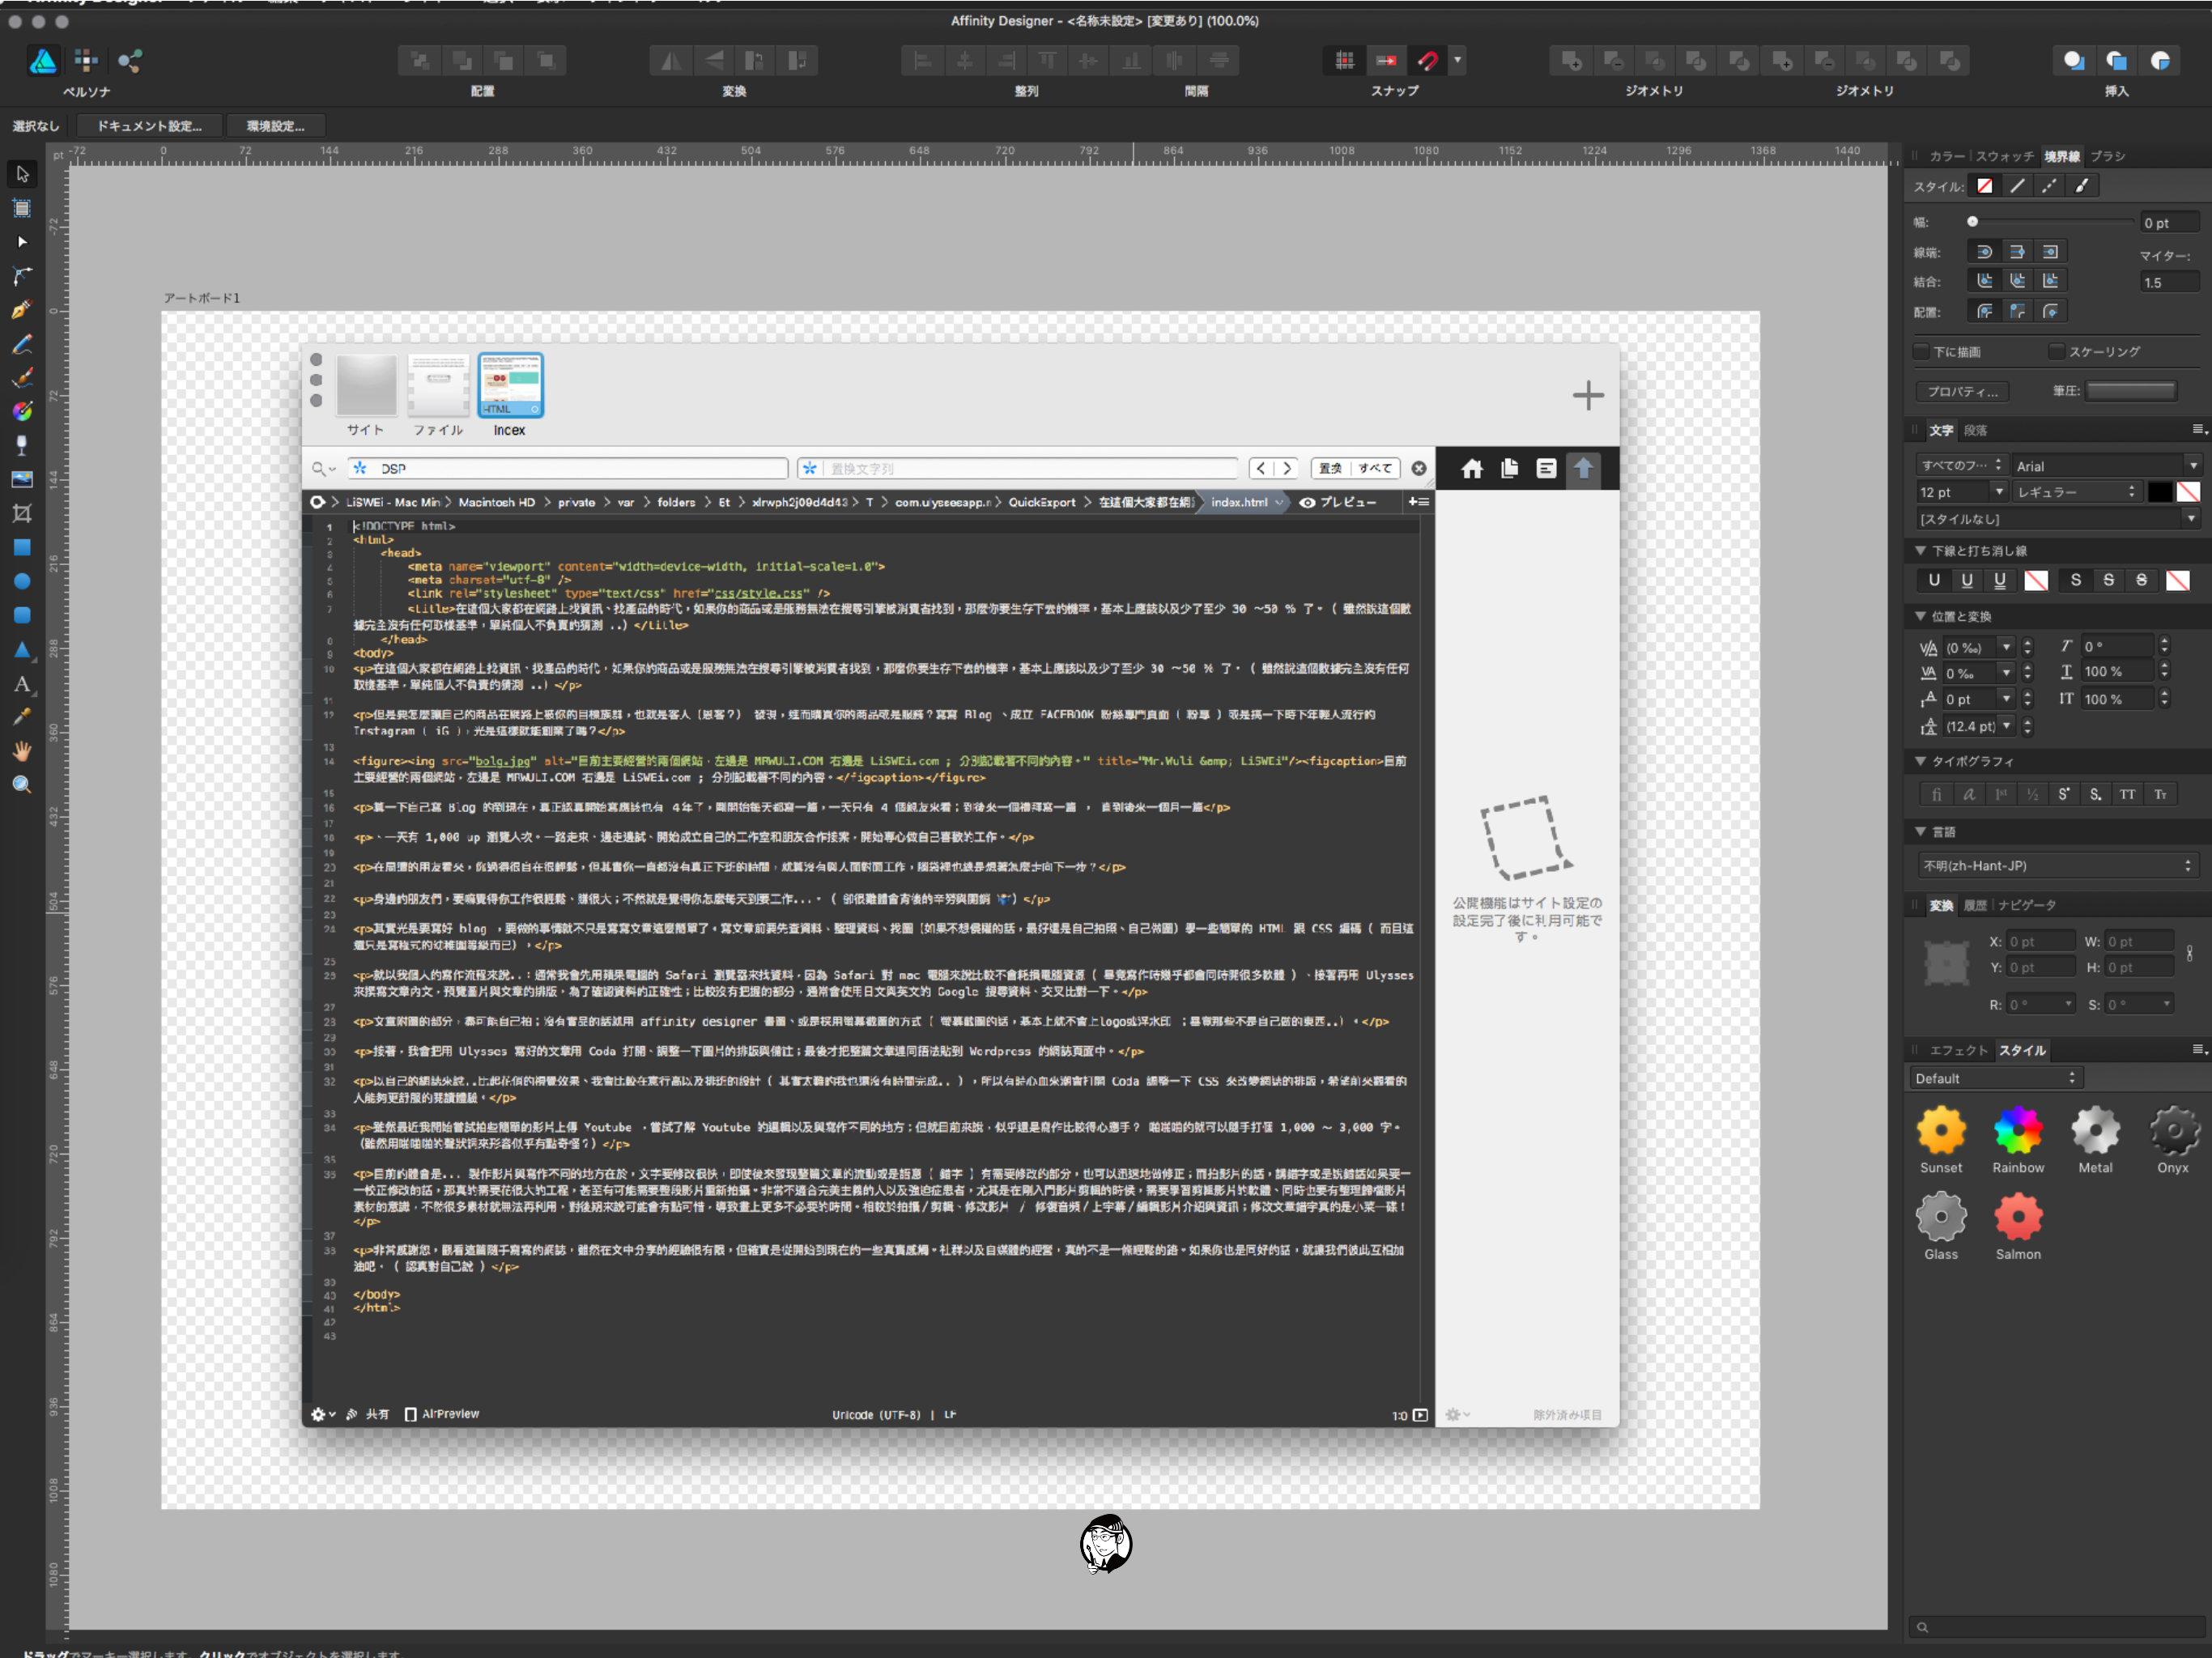 大部分的圖像以及照片我都在 Affinity Designer 中處理,因為多數都是插畫或是截圖,所以反而比較少看 Affinity 截圖。